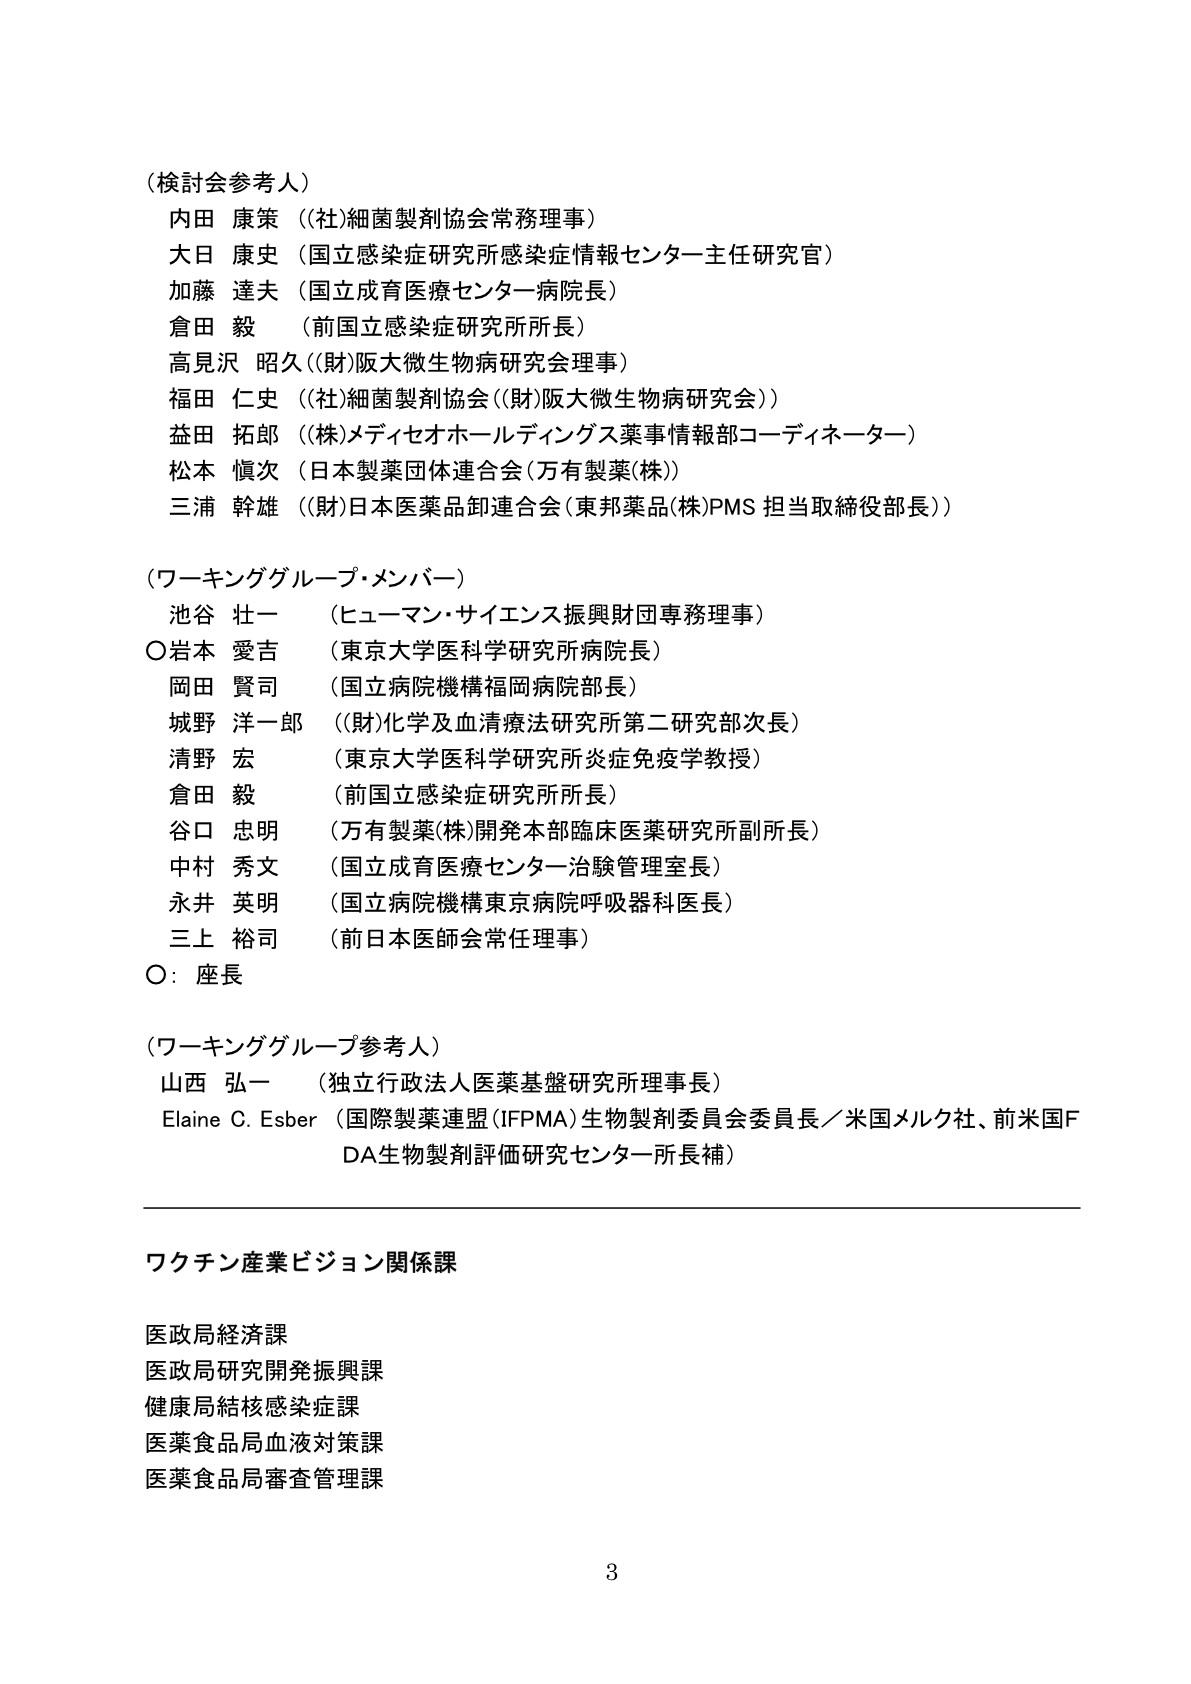 日本の「ワクチンビジネス」の首謀者たち:無知のなせる技か?_e0171614_22284481.jpg